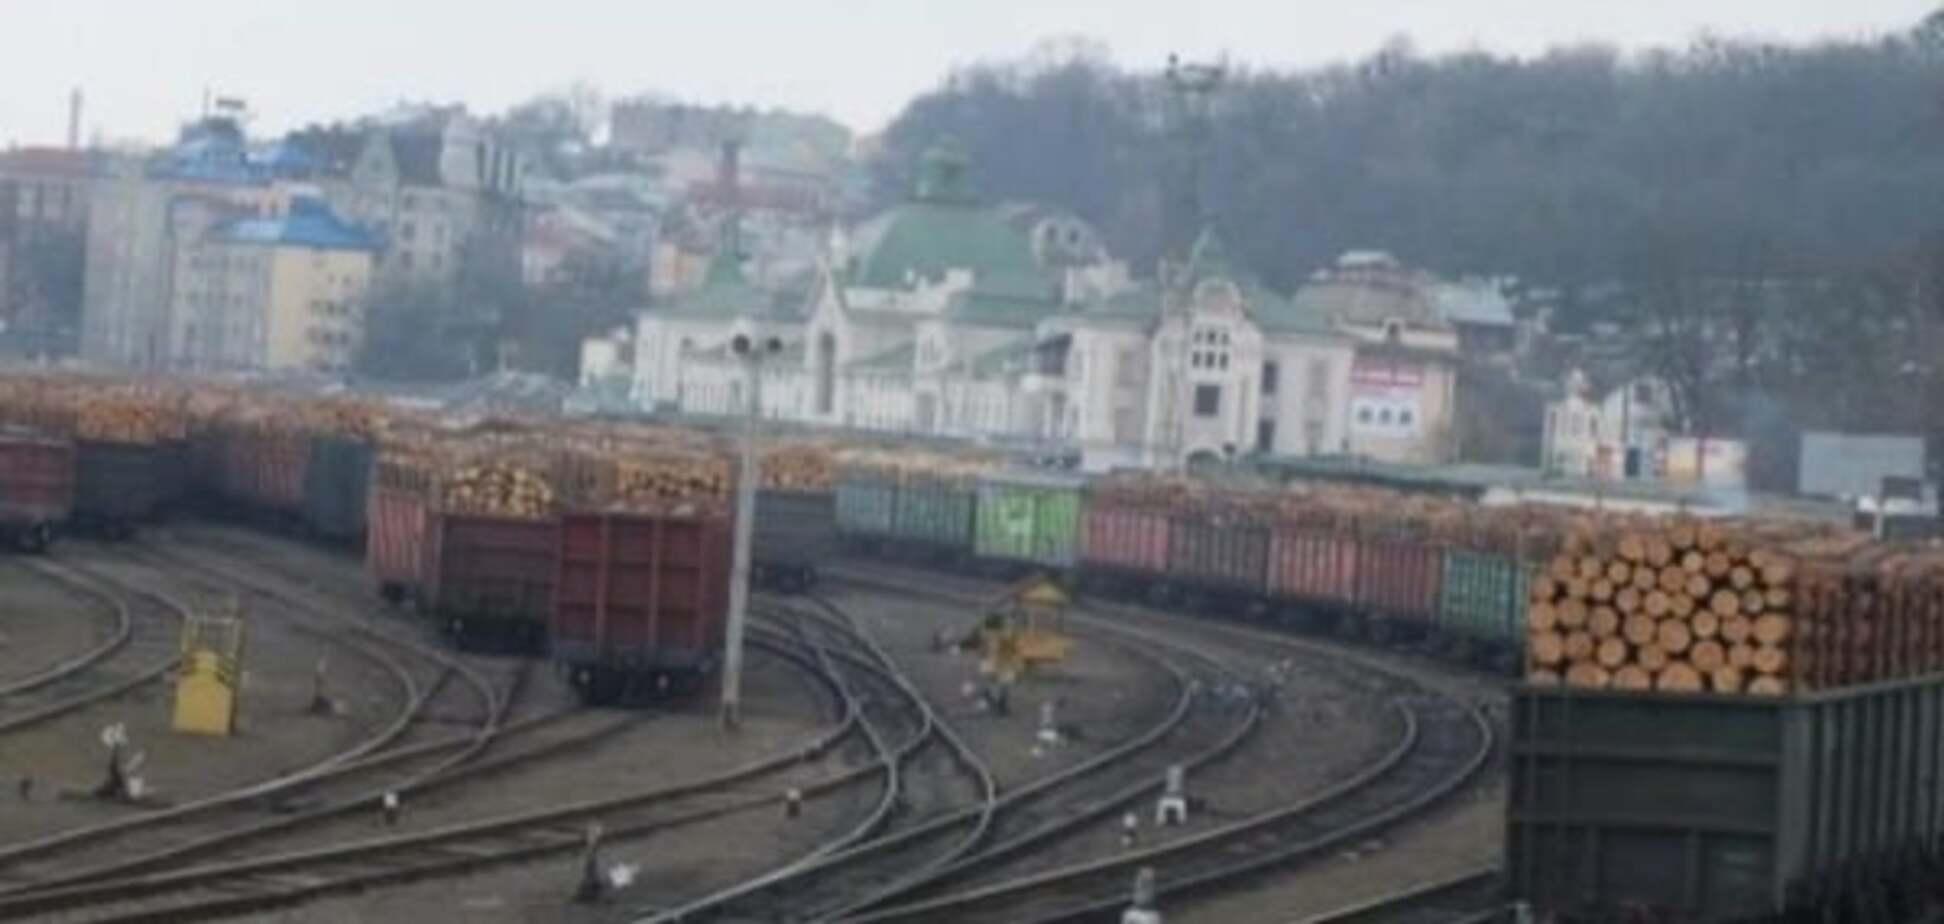 На вотчине Яценюка незаконно вырубают леса: Буковина - на грани экологической катастрофы